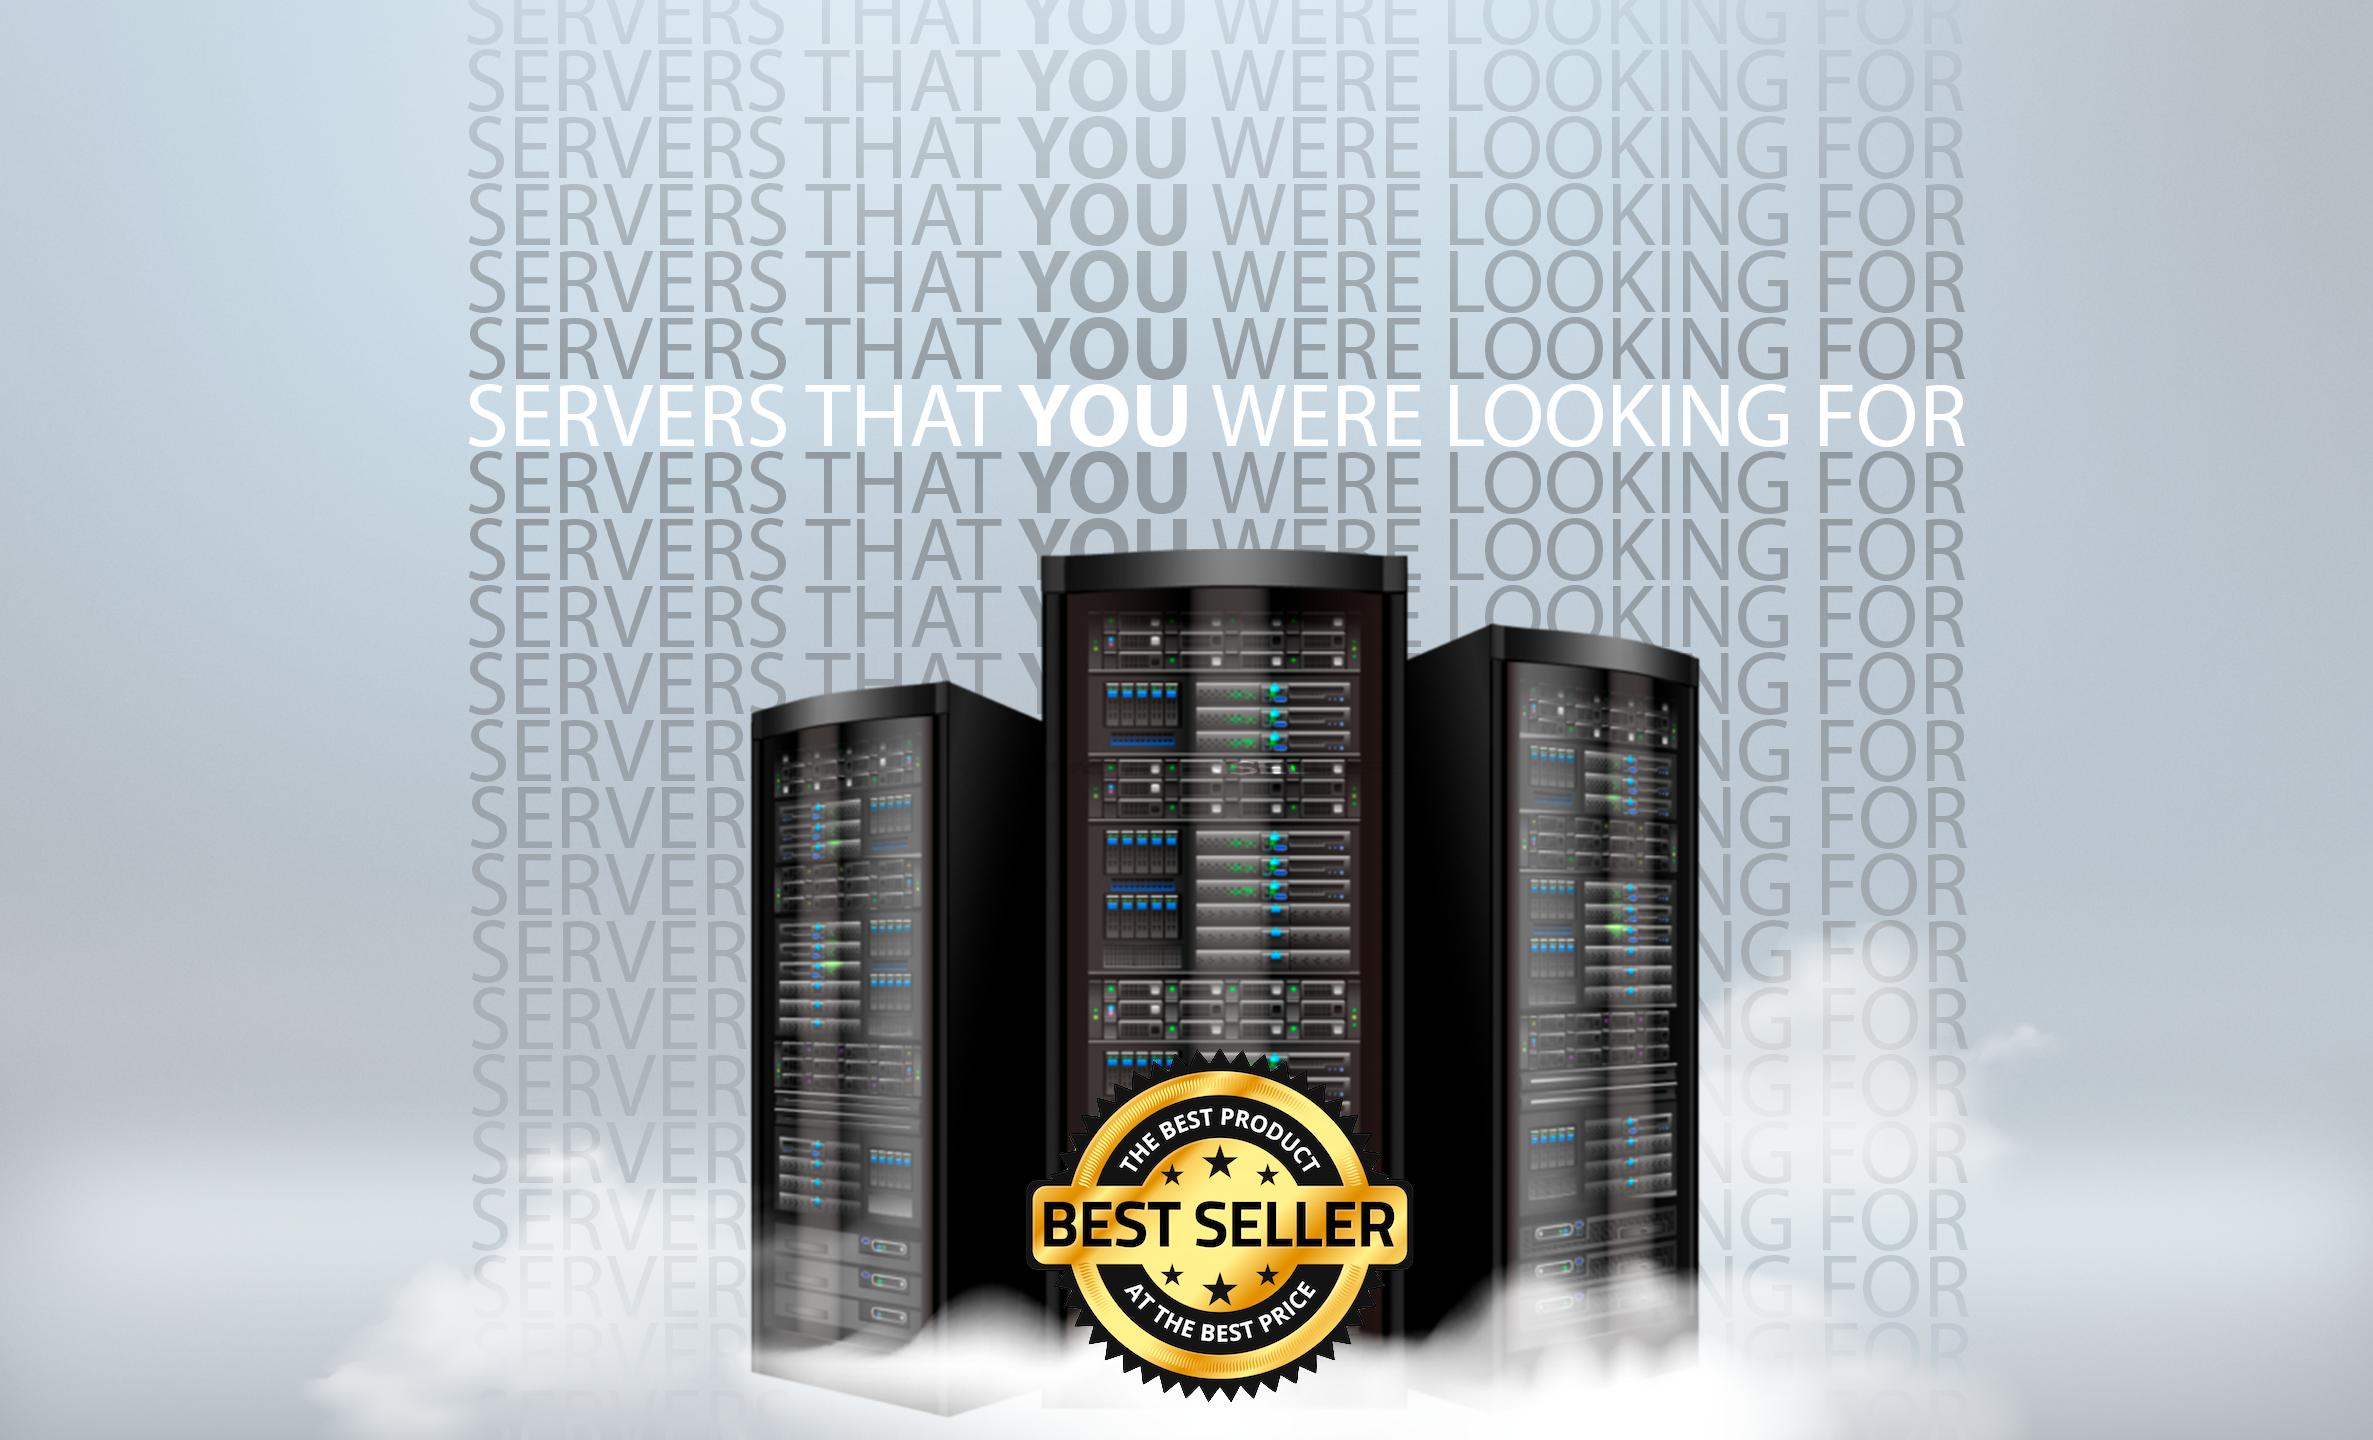 бесплатный хостинг для сервера css v88